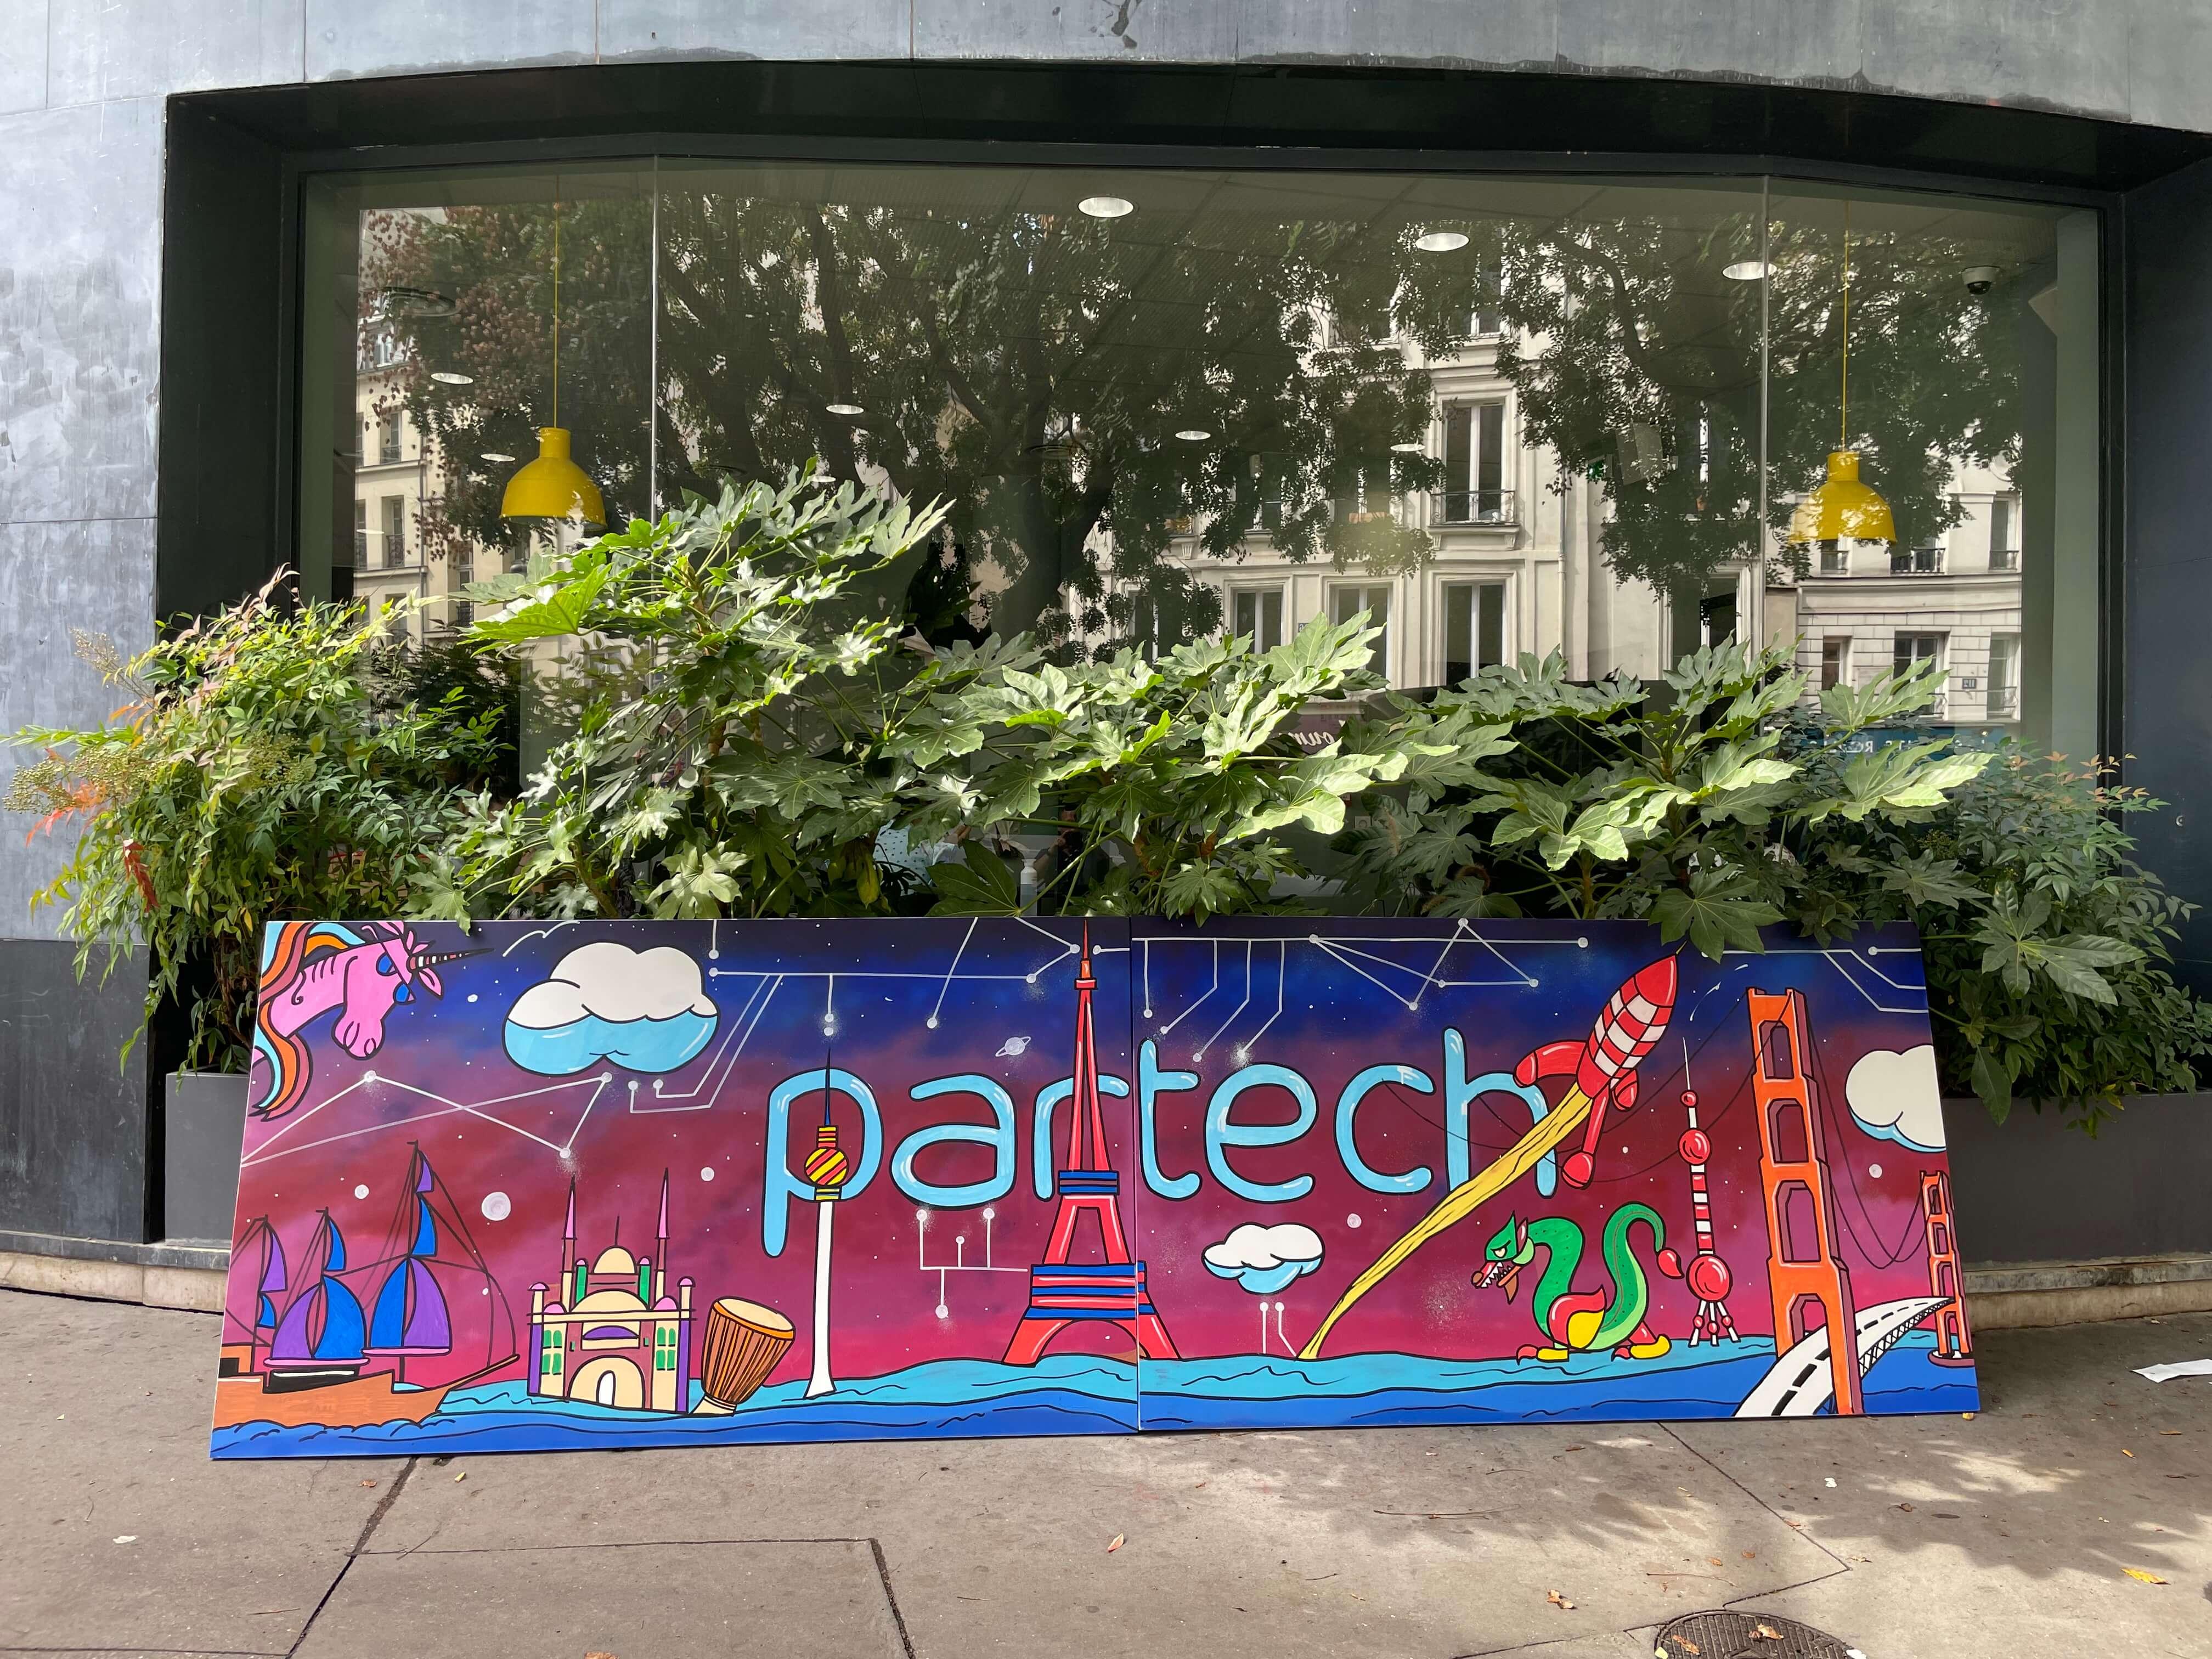 Fresque graffiti sur toile posé devant l'immeuble de bureau Partech à Paris